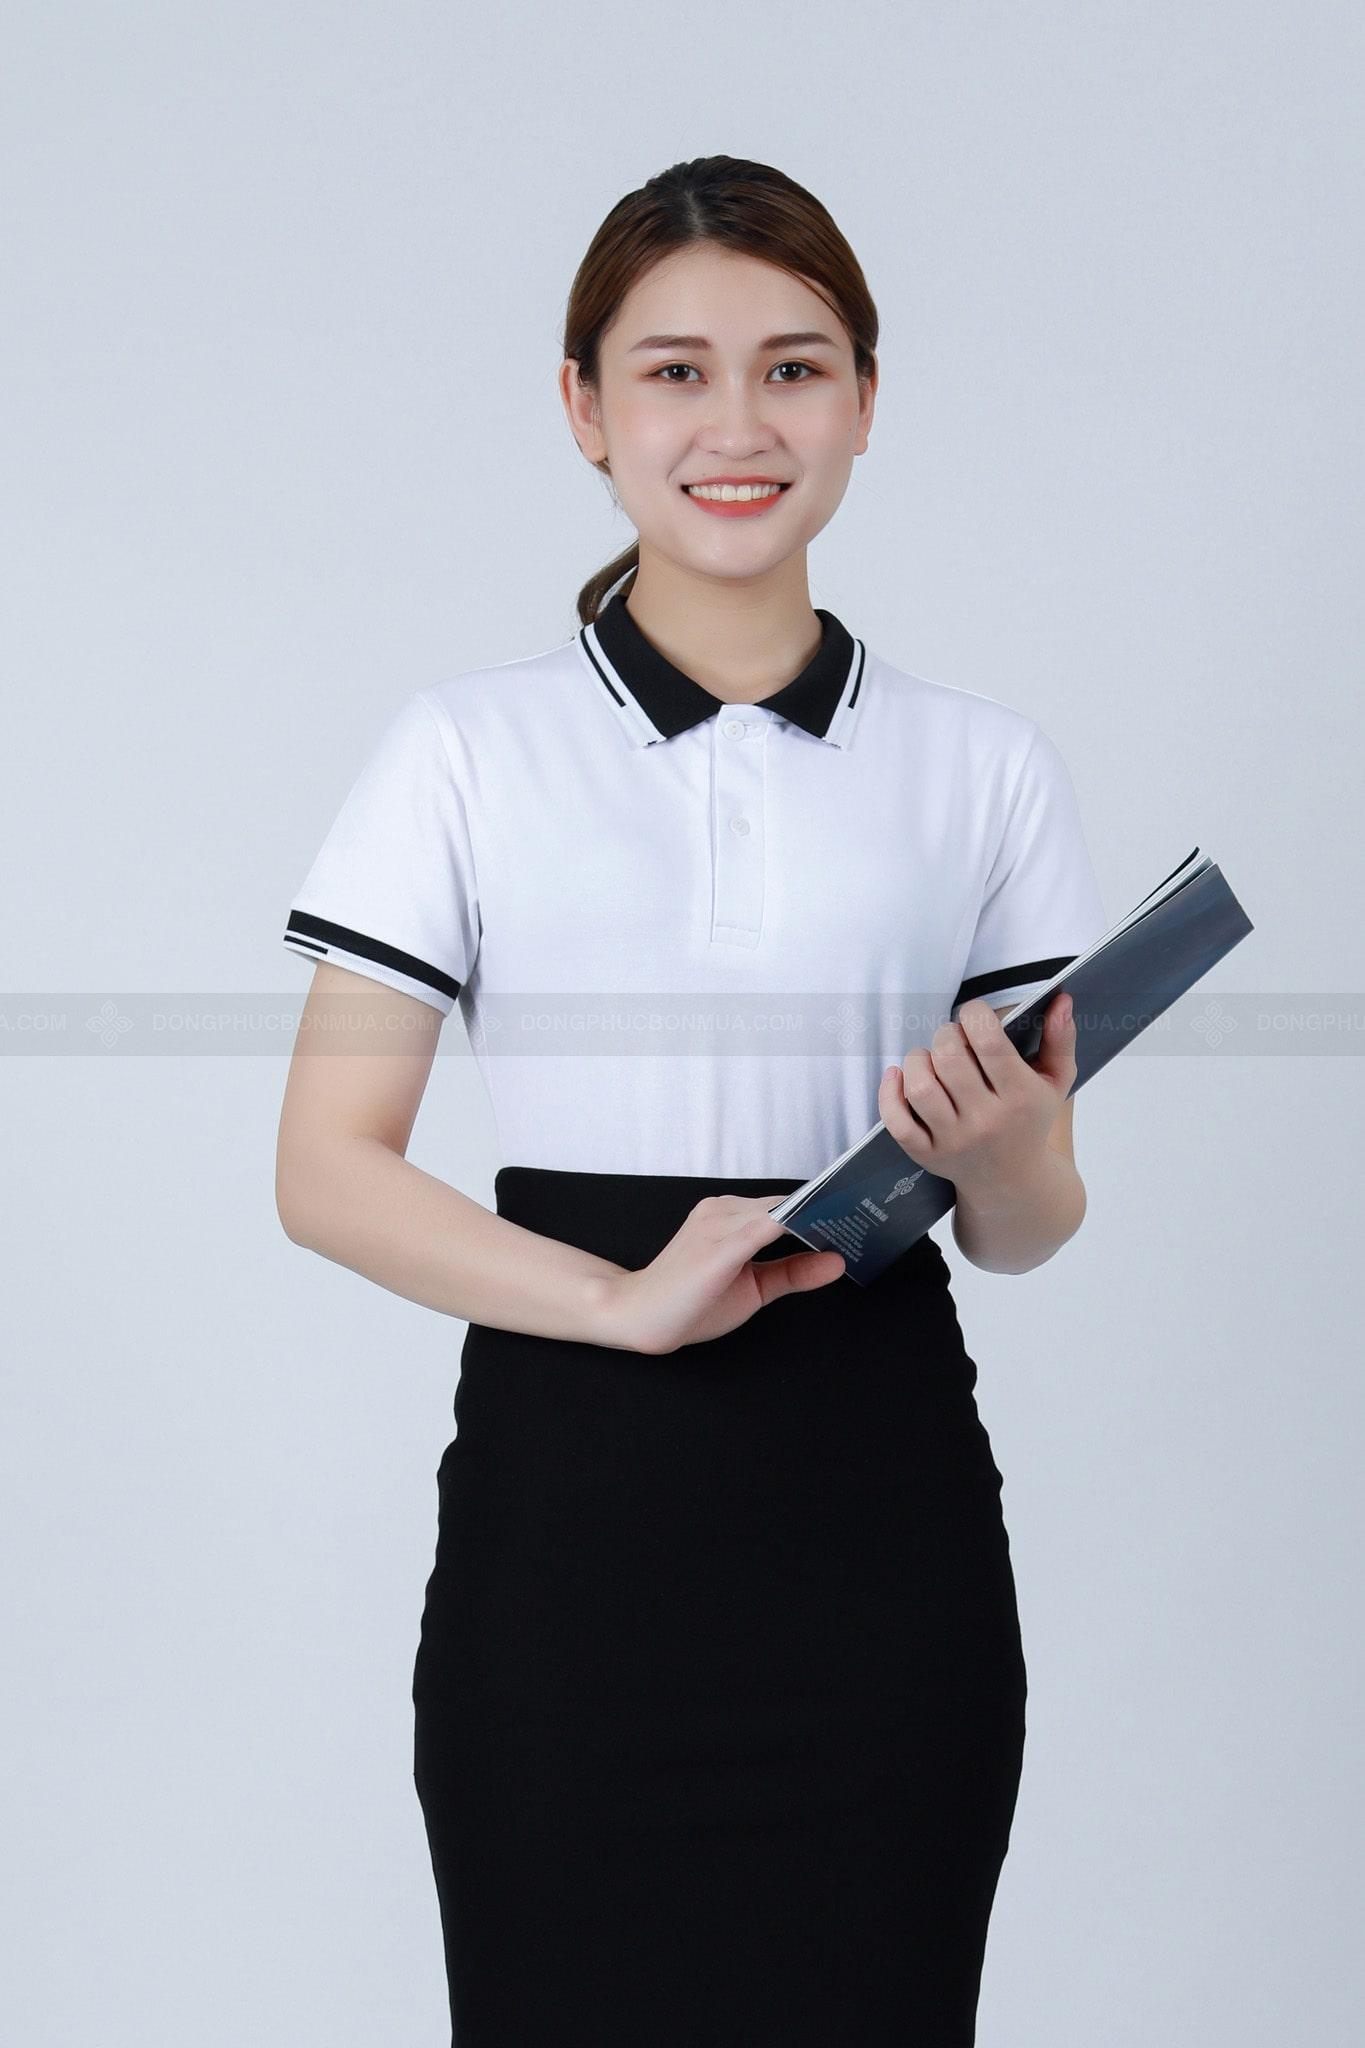 đồng phục áo phông trắng